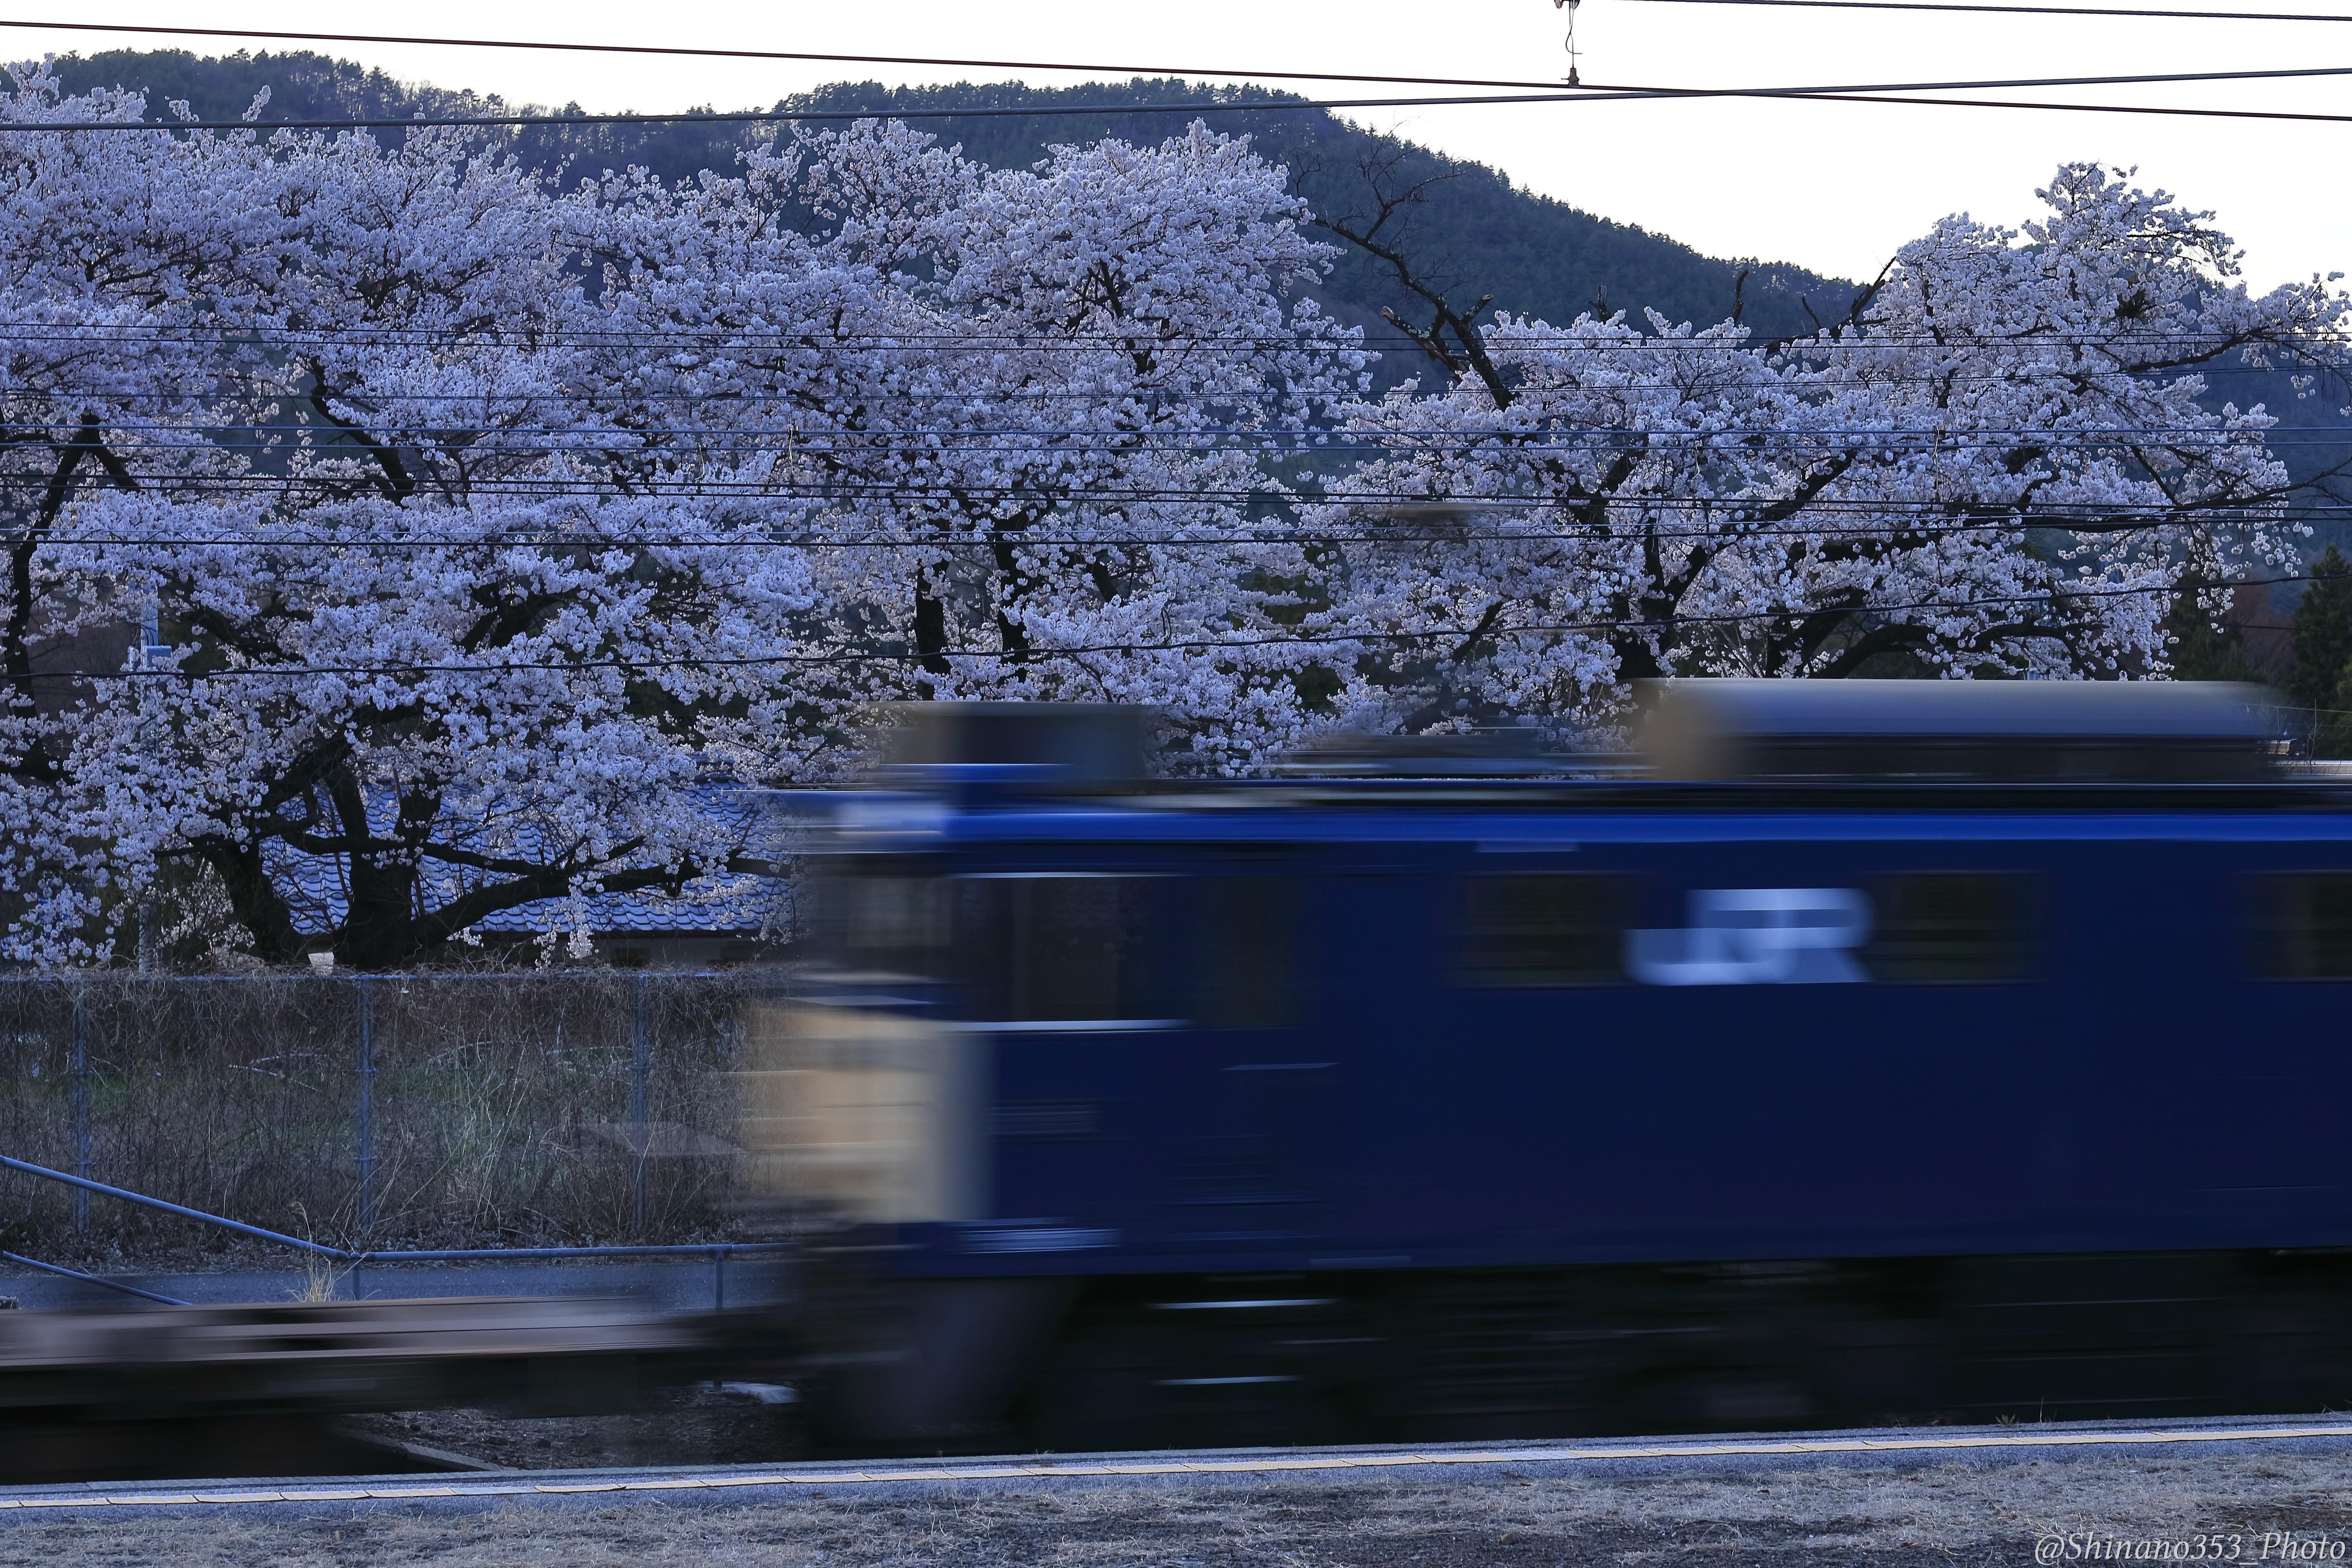 f:id:Shinano353:20210705144702j:plain